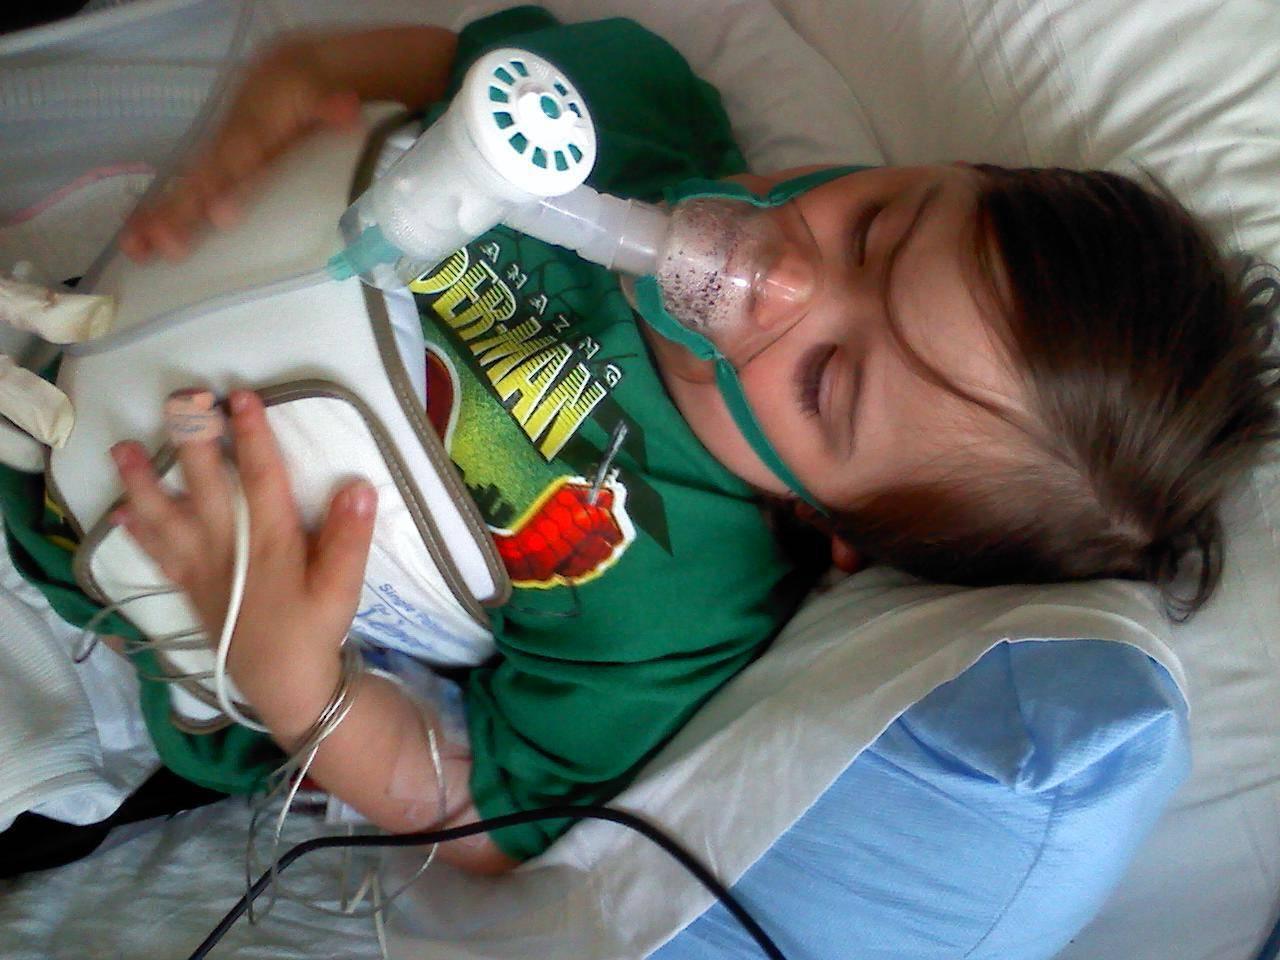 Лечение трахеобронхита лекарствами, немедикаментозной терапией и народными средствами